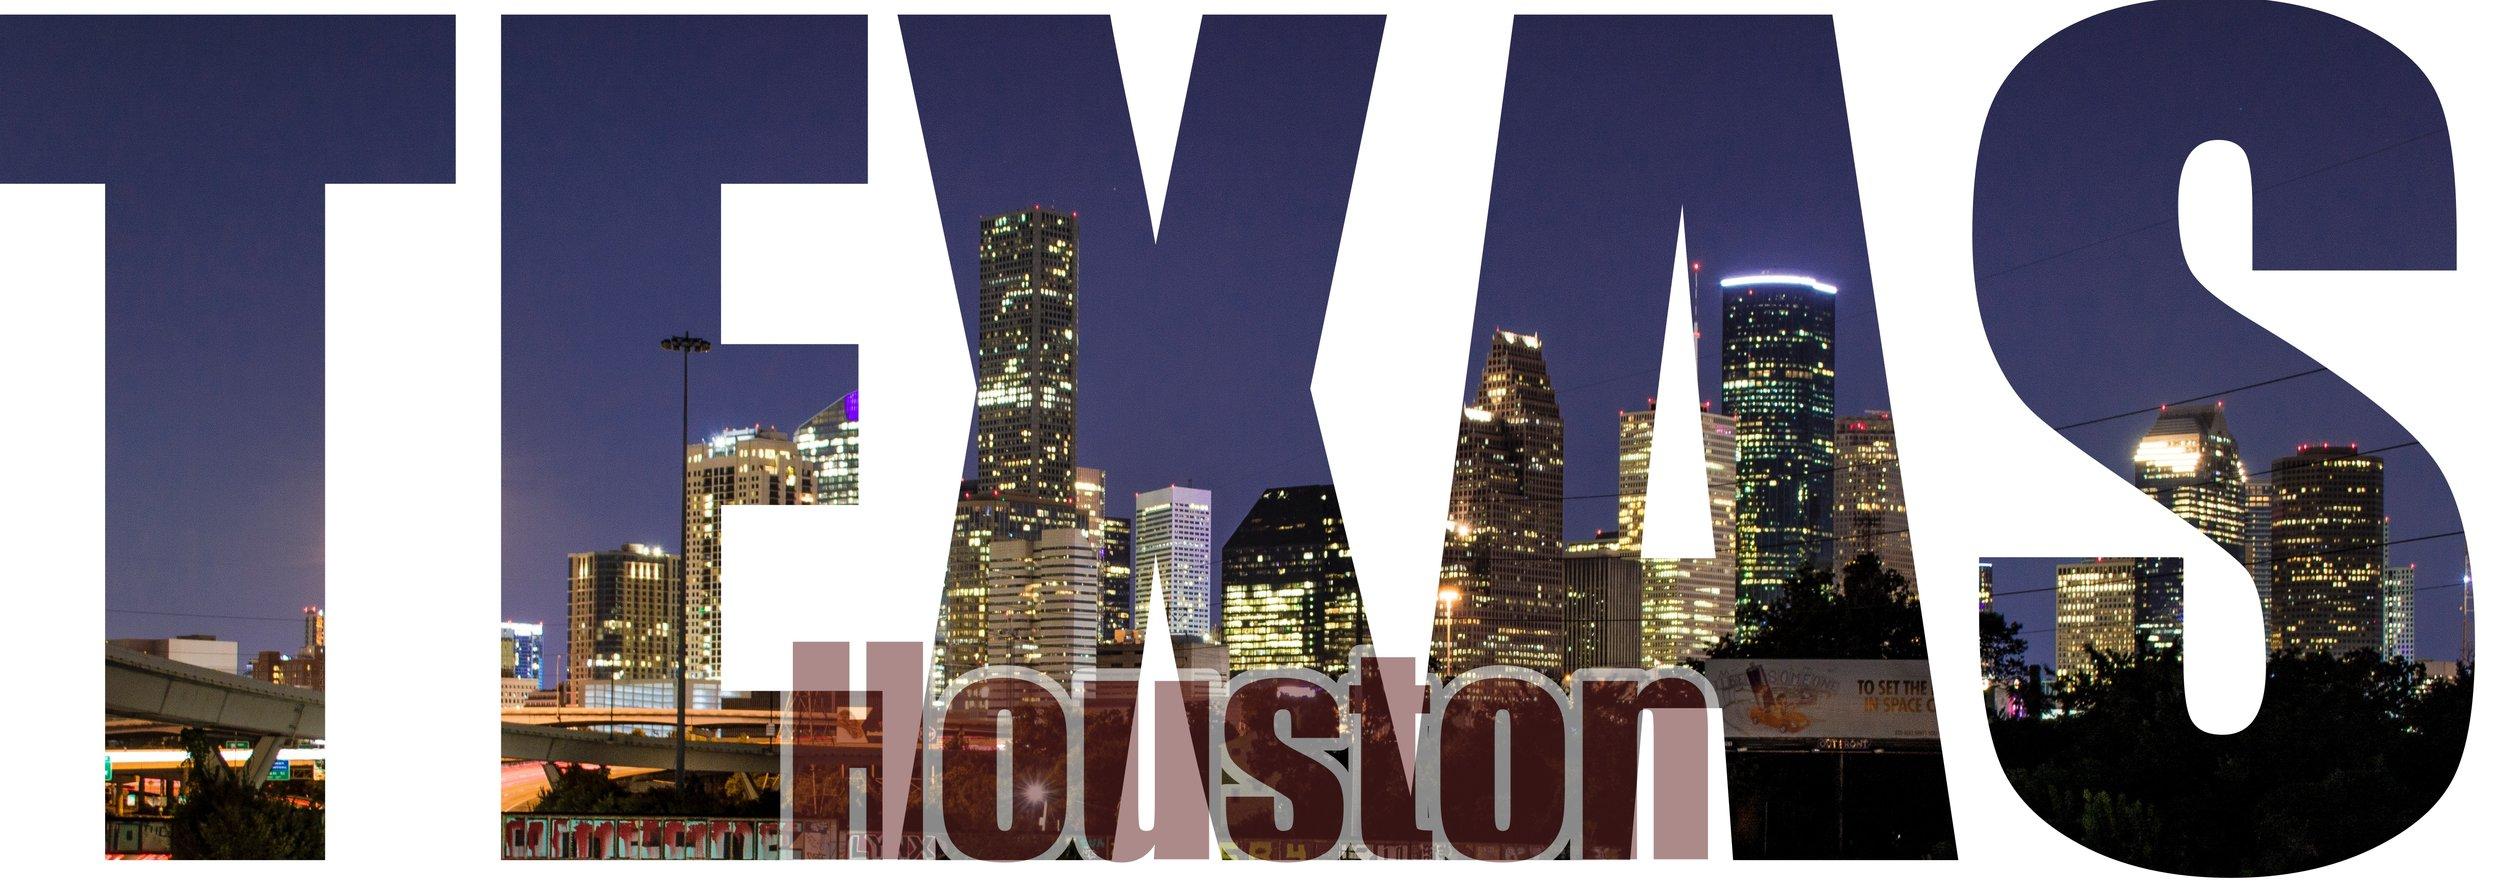 Houston, Texas, USA